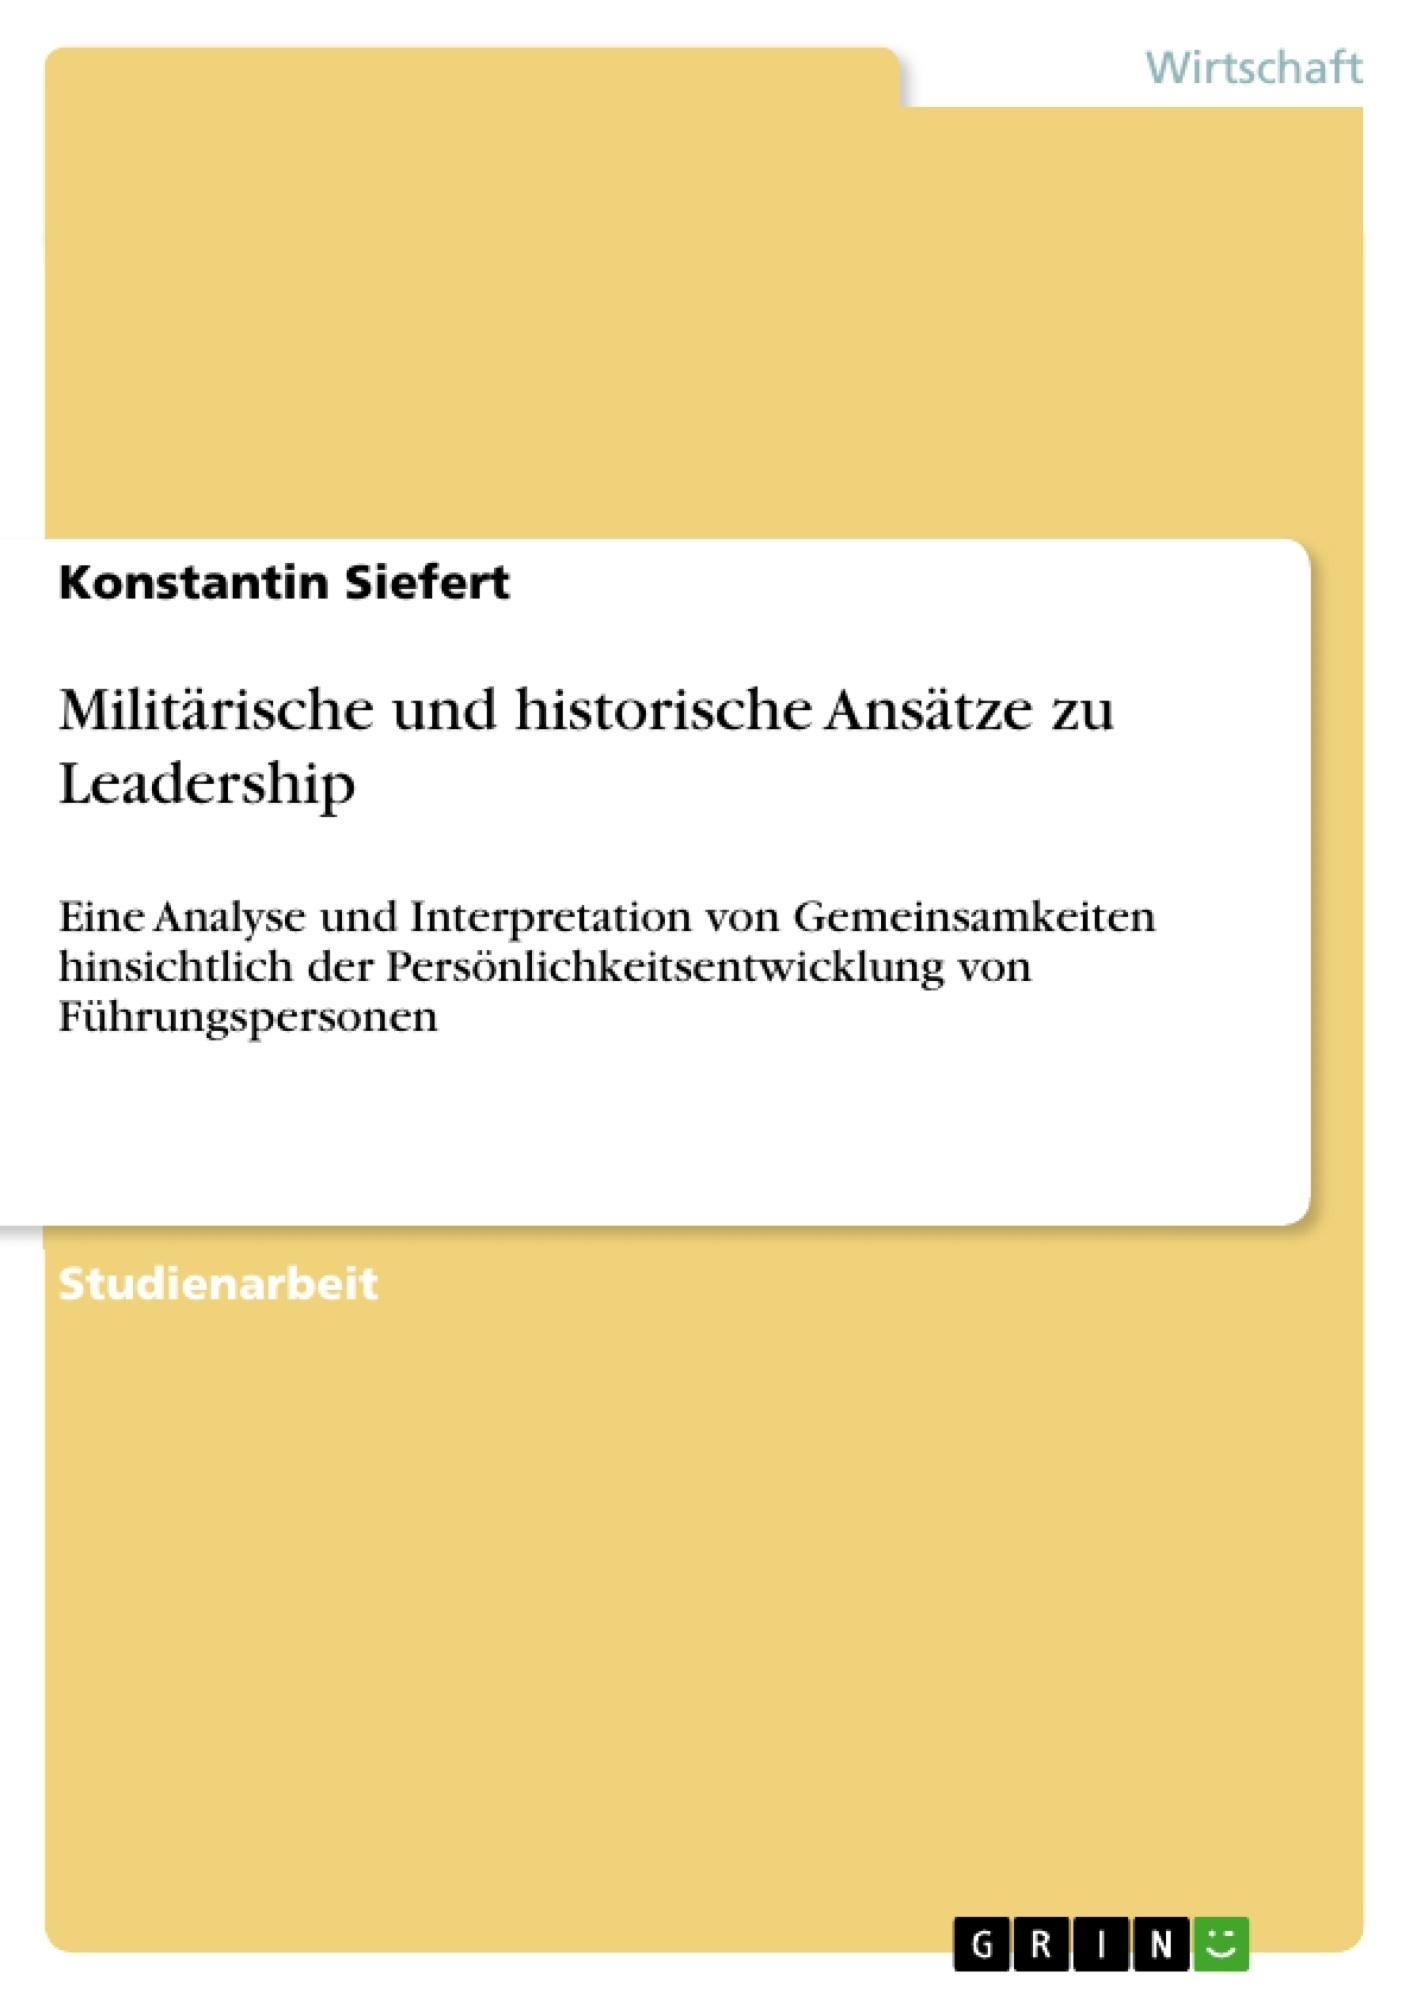 Titel: Militärische und historische Ansätze zu Leadership